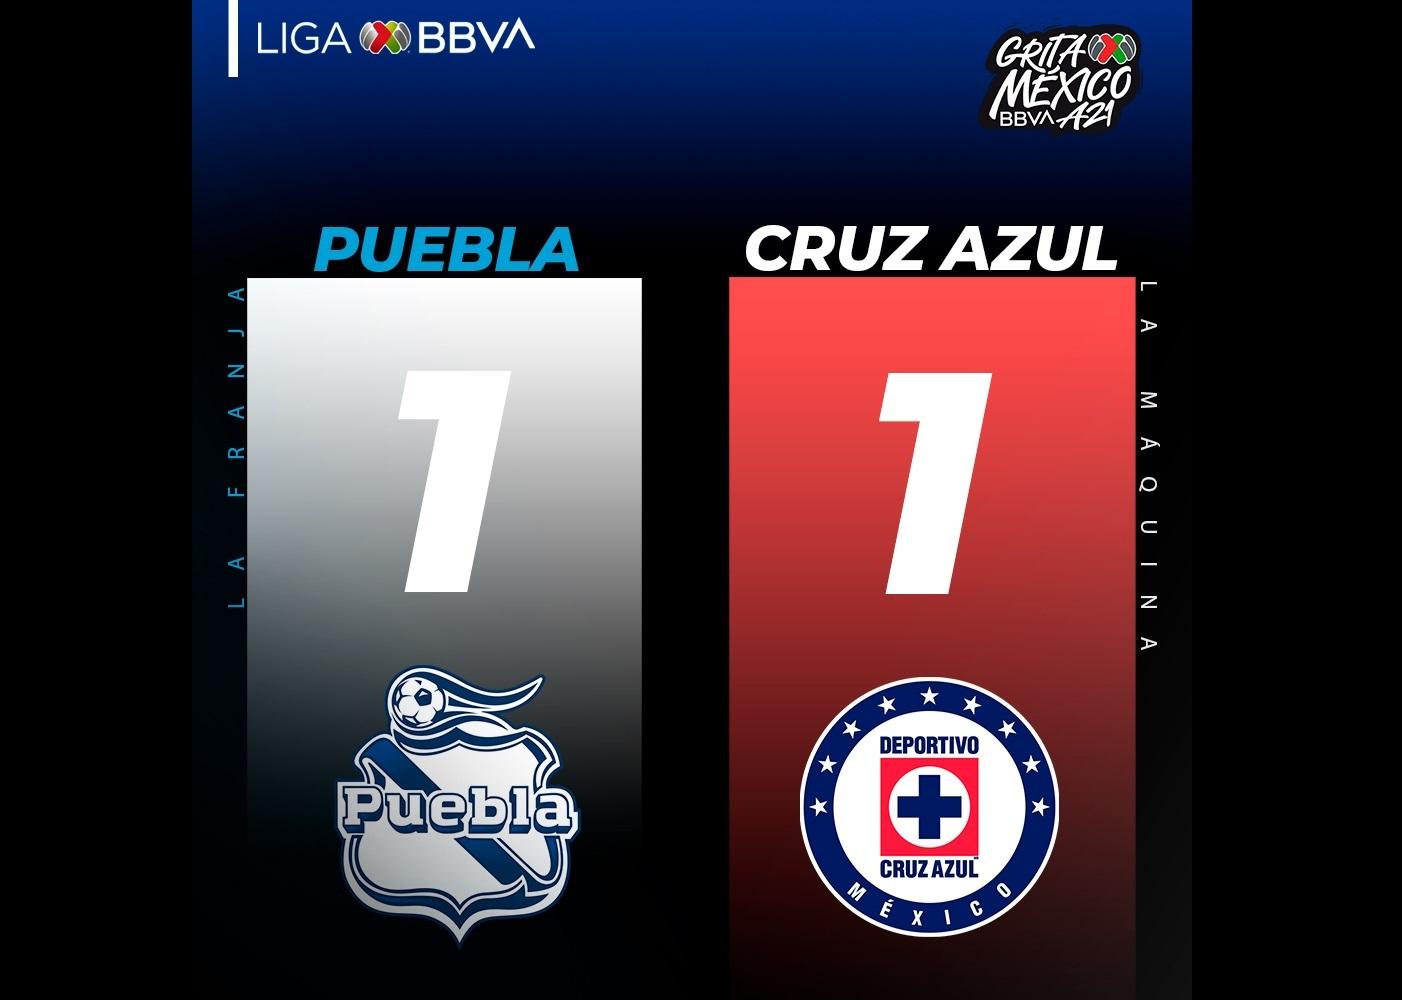 Puras penas con el Puebla, logra empate contra Cruz Azul